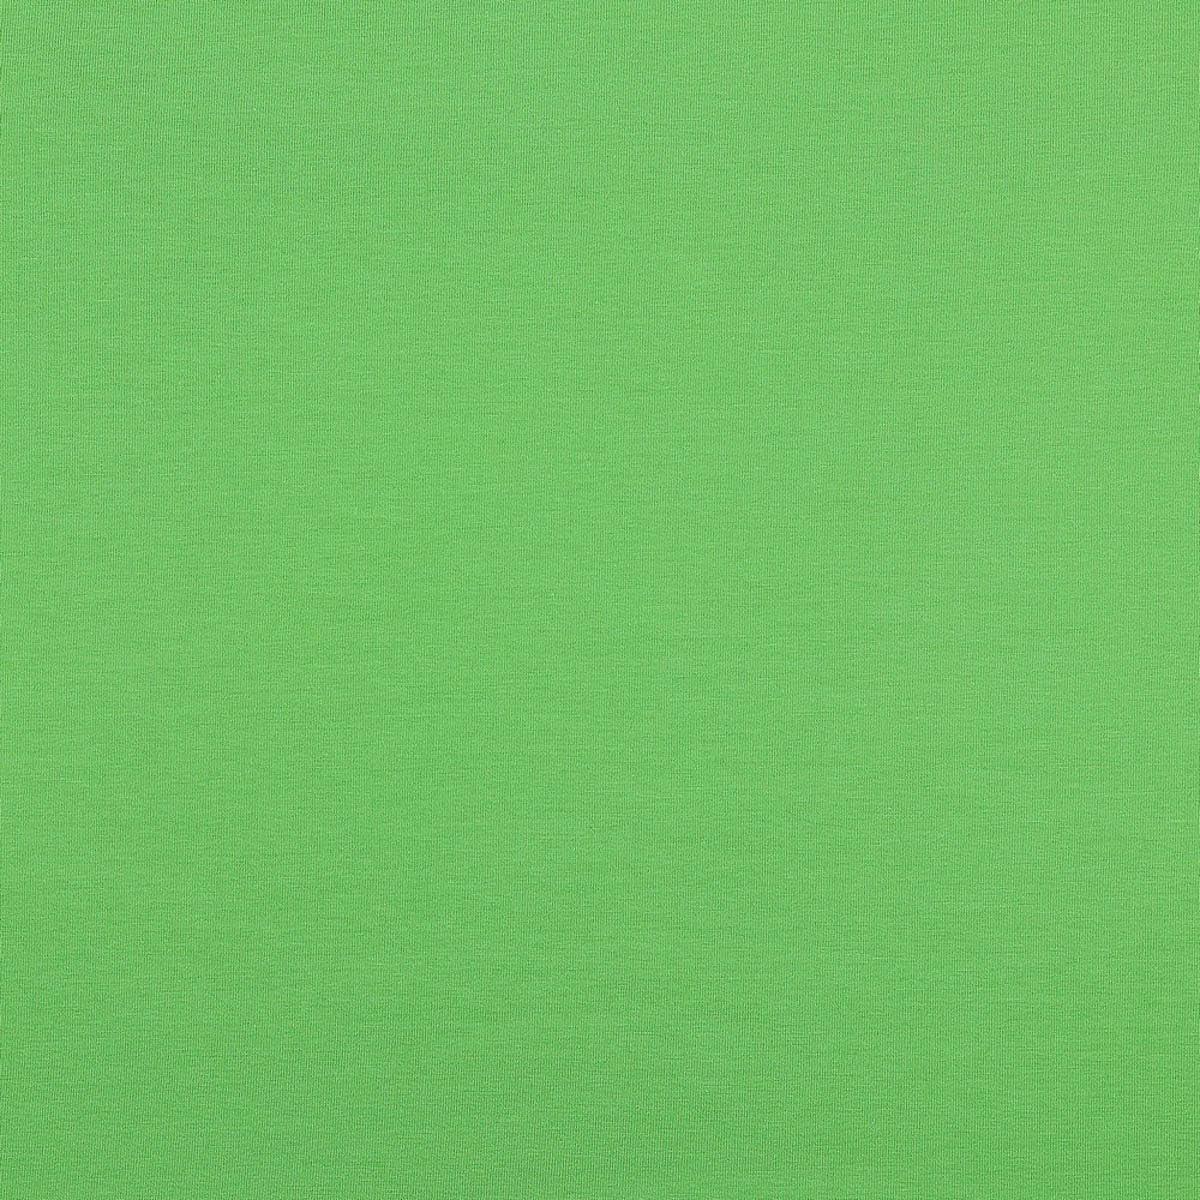 Tejido e ingredientes de tela de algodón jersey Frieda Uni en muchos colores Oeko-Tex Standard 1 metro a partir de 50 cm de tela básica de alta calidad para muchos proyectos de